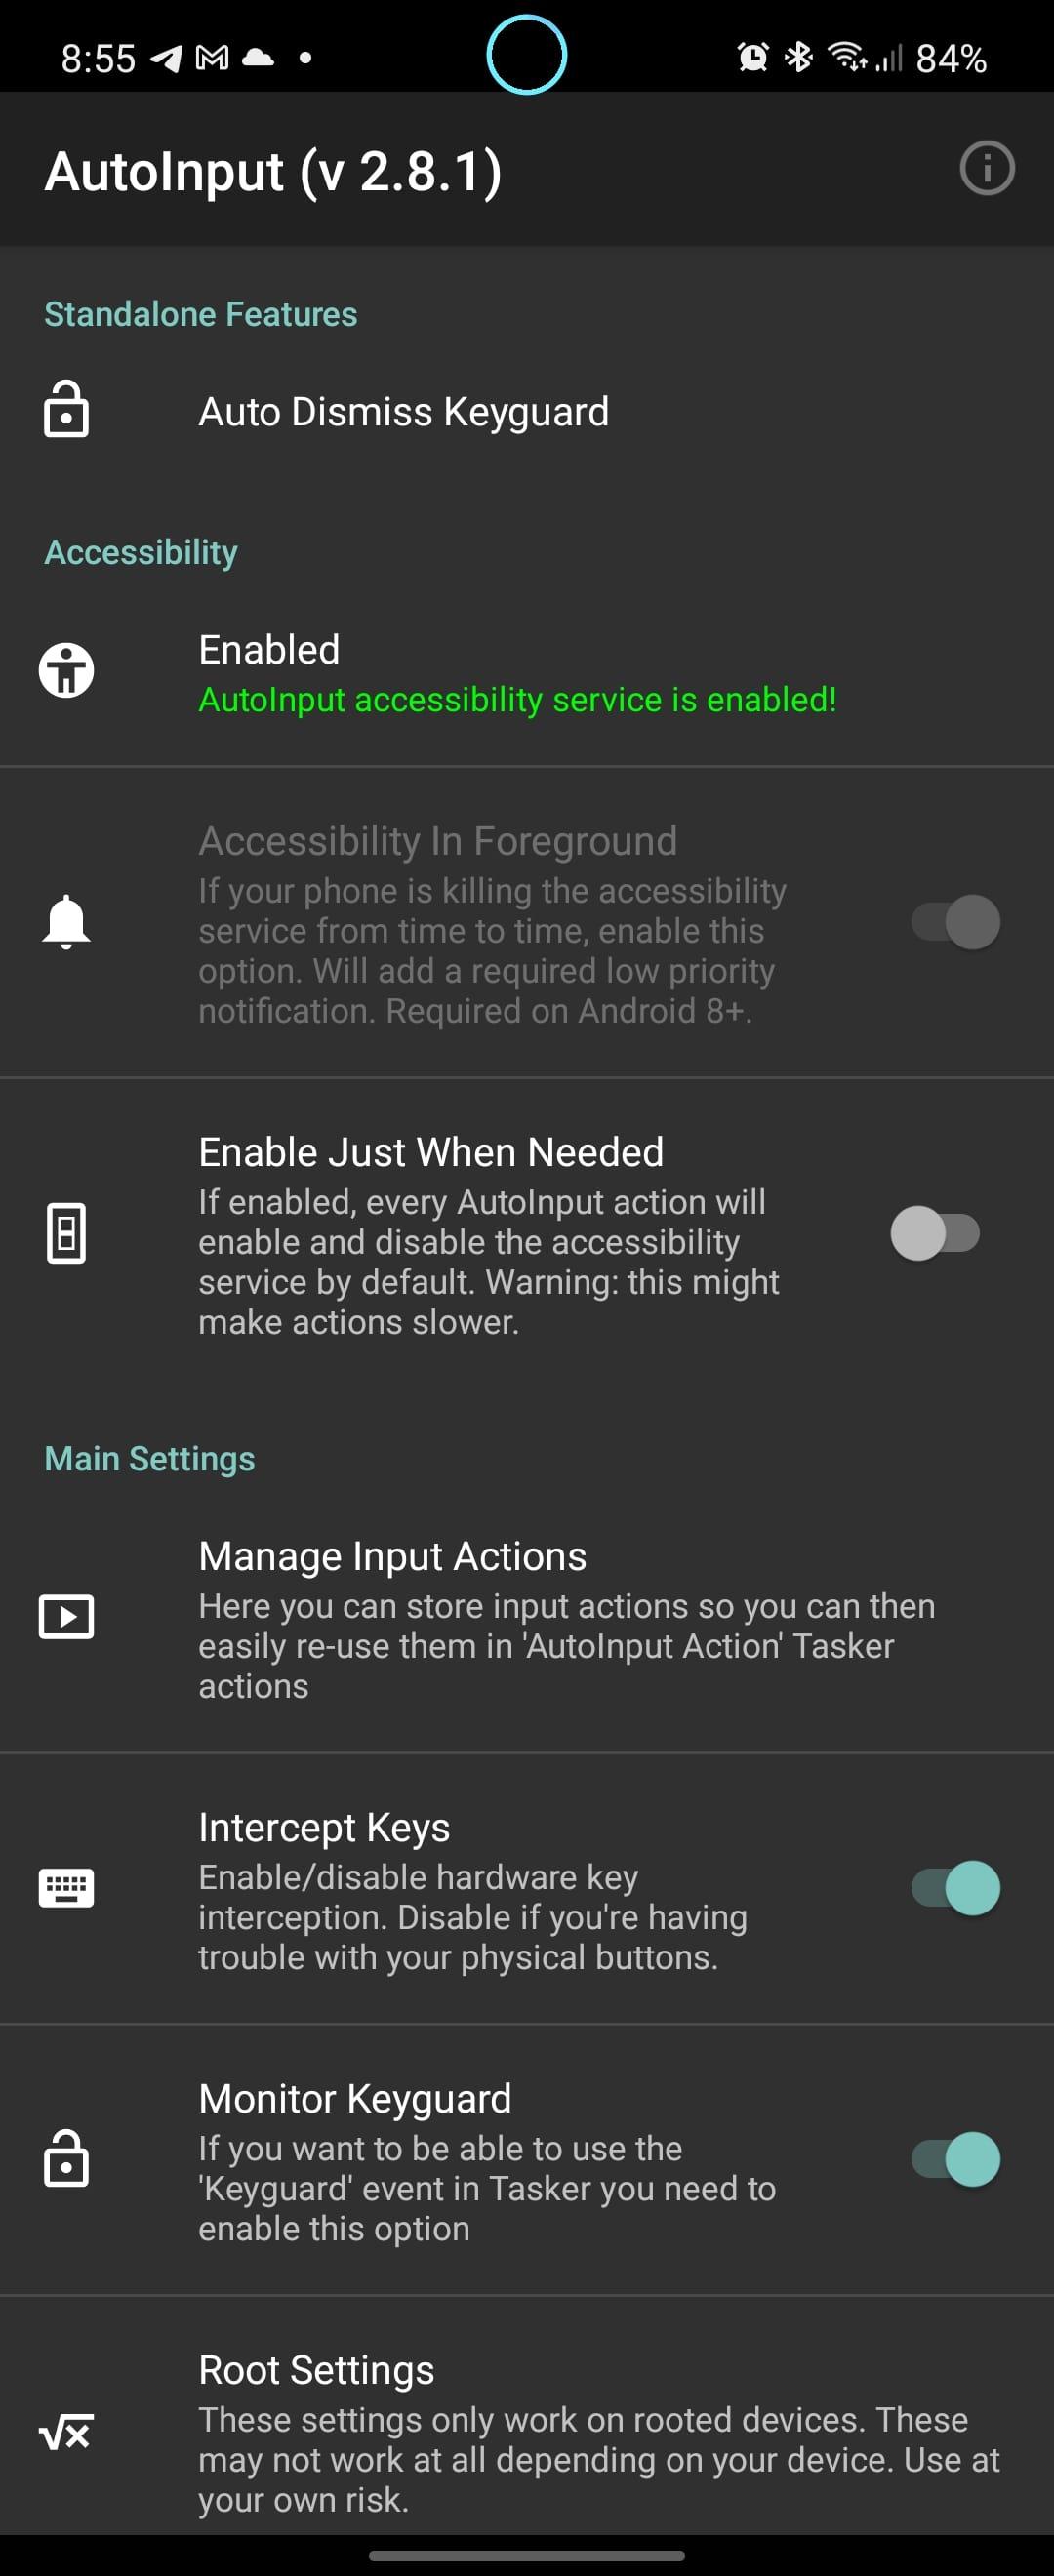 Screenshot_20210918-205533_AutoInput-min.jpg